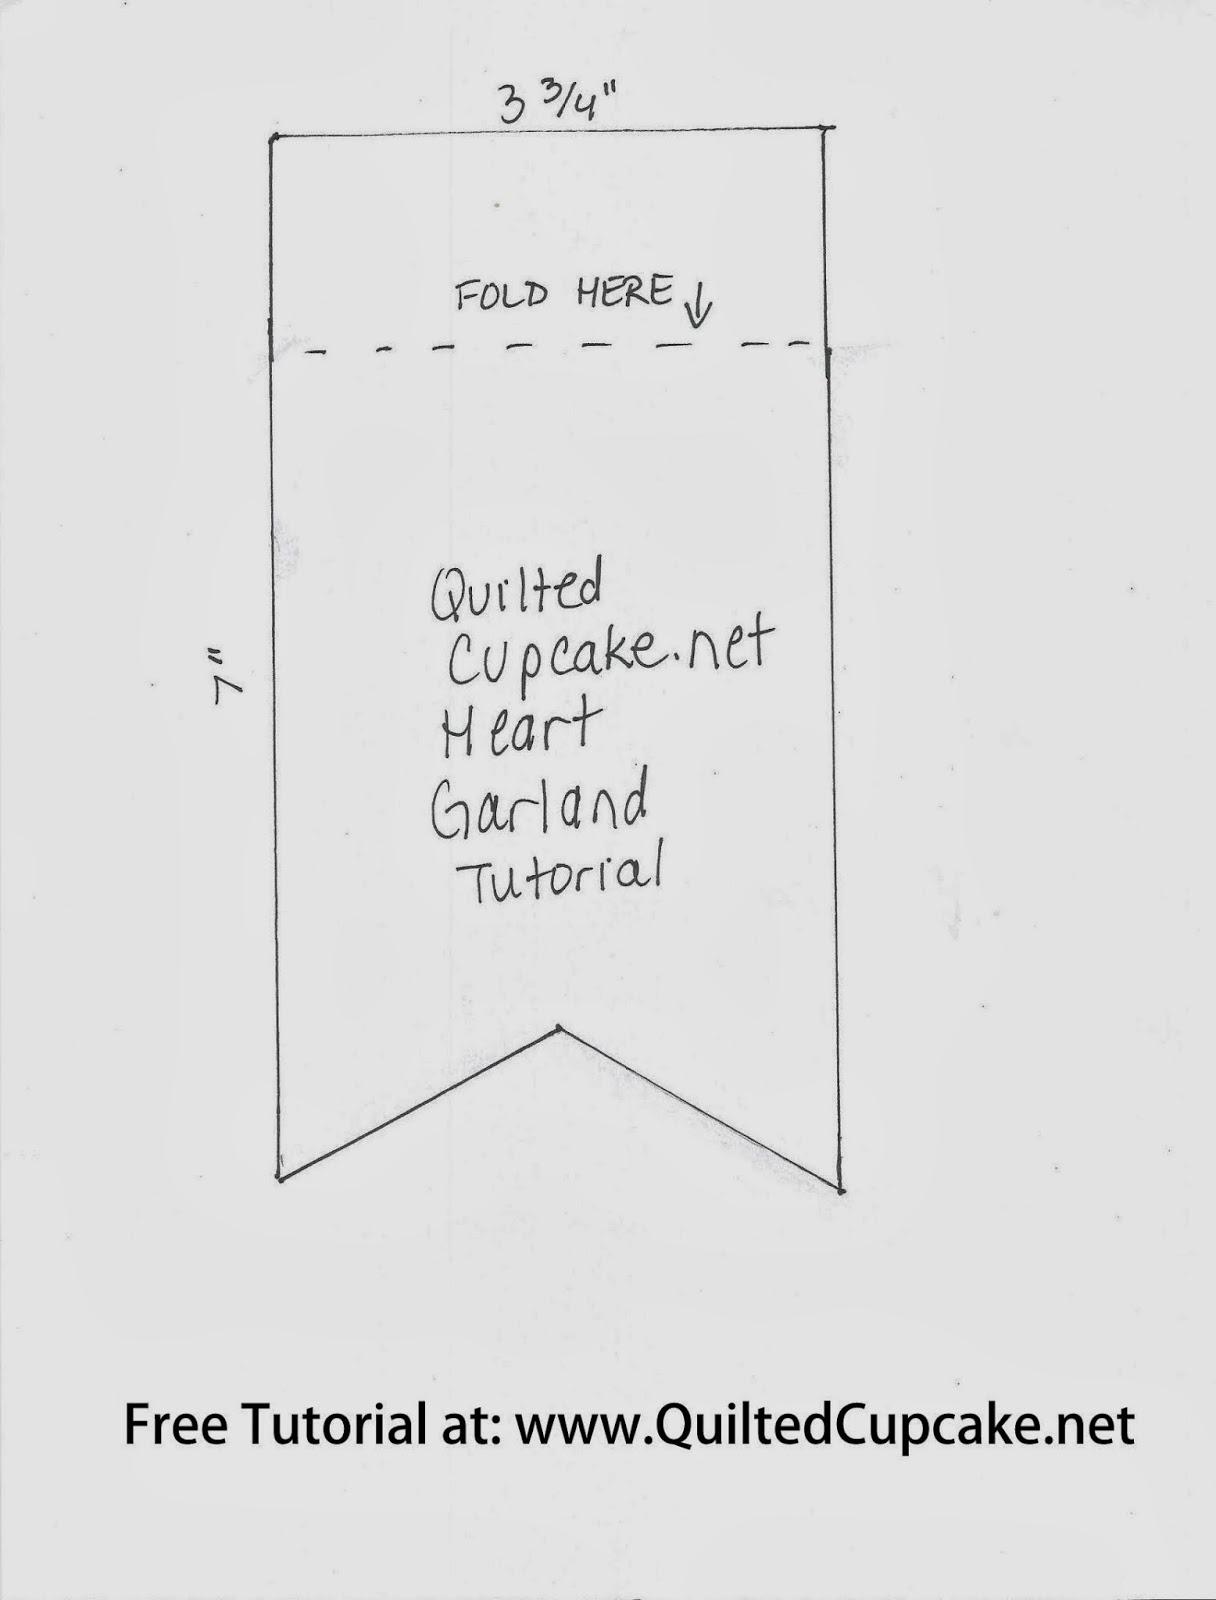 http://4.bp.blogspot.com/-fEfiJTA7-_g/Us7638UAMjI/AAAAAAAAgj4/nStCruIfB7Q/s1600/Garland+Banner+Template+QuiltedCupcake.jpg